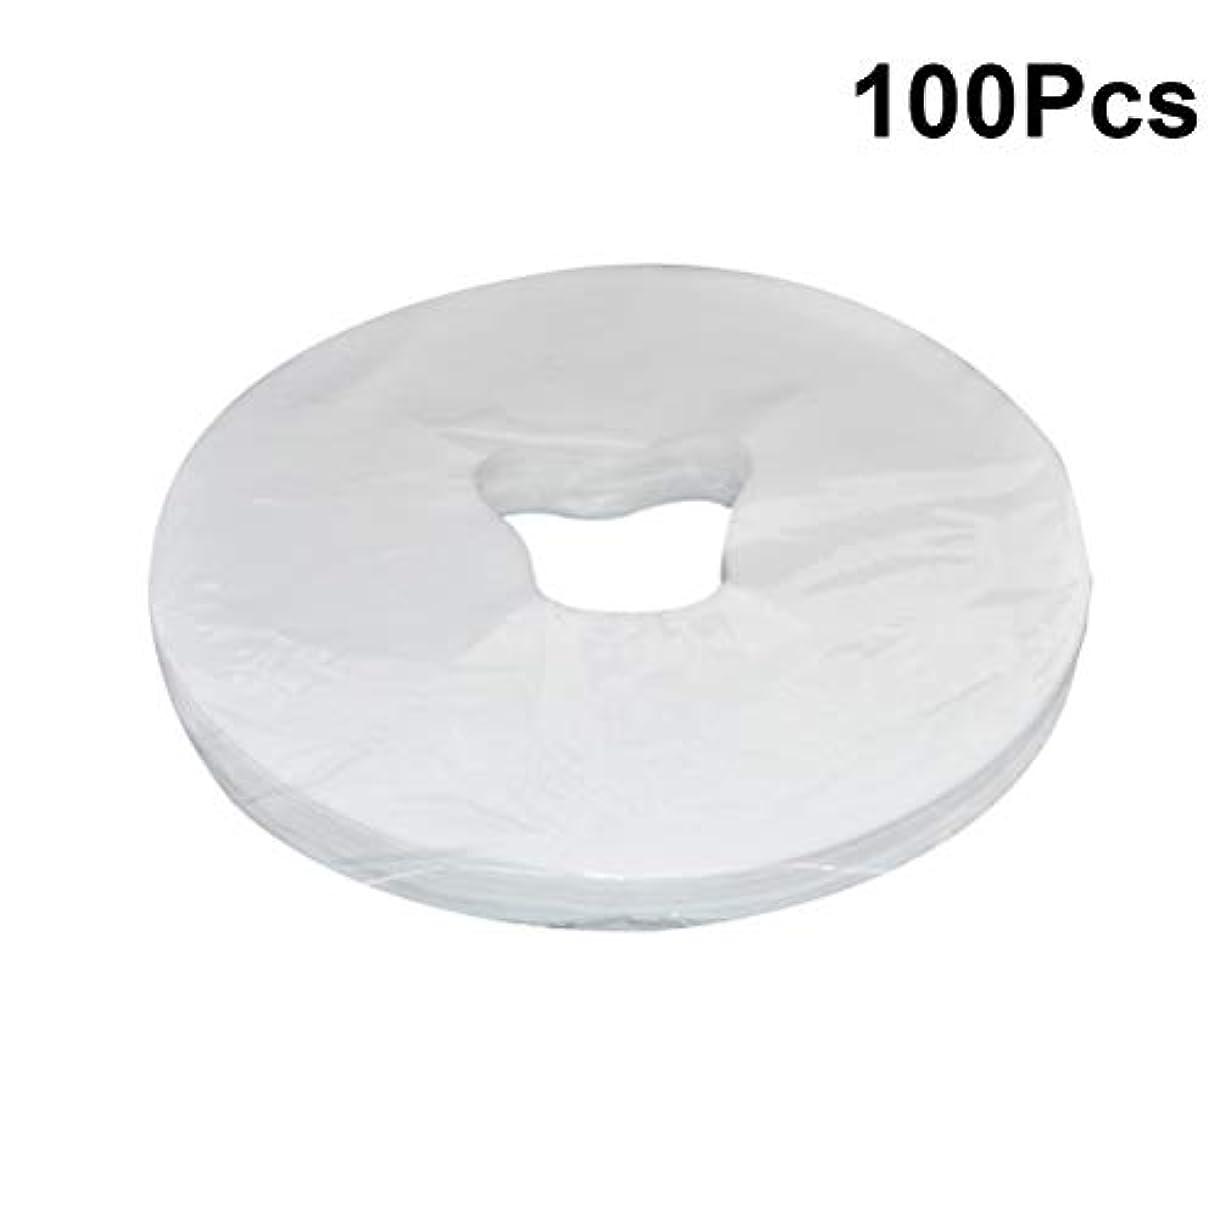 報復するポルティコ講堂HEALIFTY 29×28センチメートル使い捨てフェイスマッサージカバーパッドフェイスホールピローマット用スパ100シート